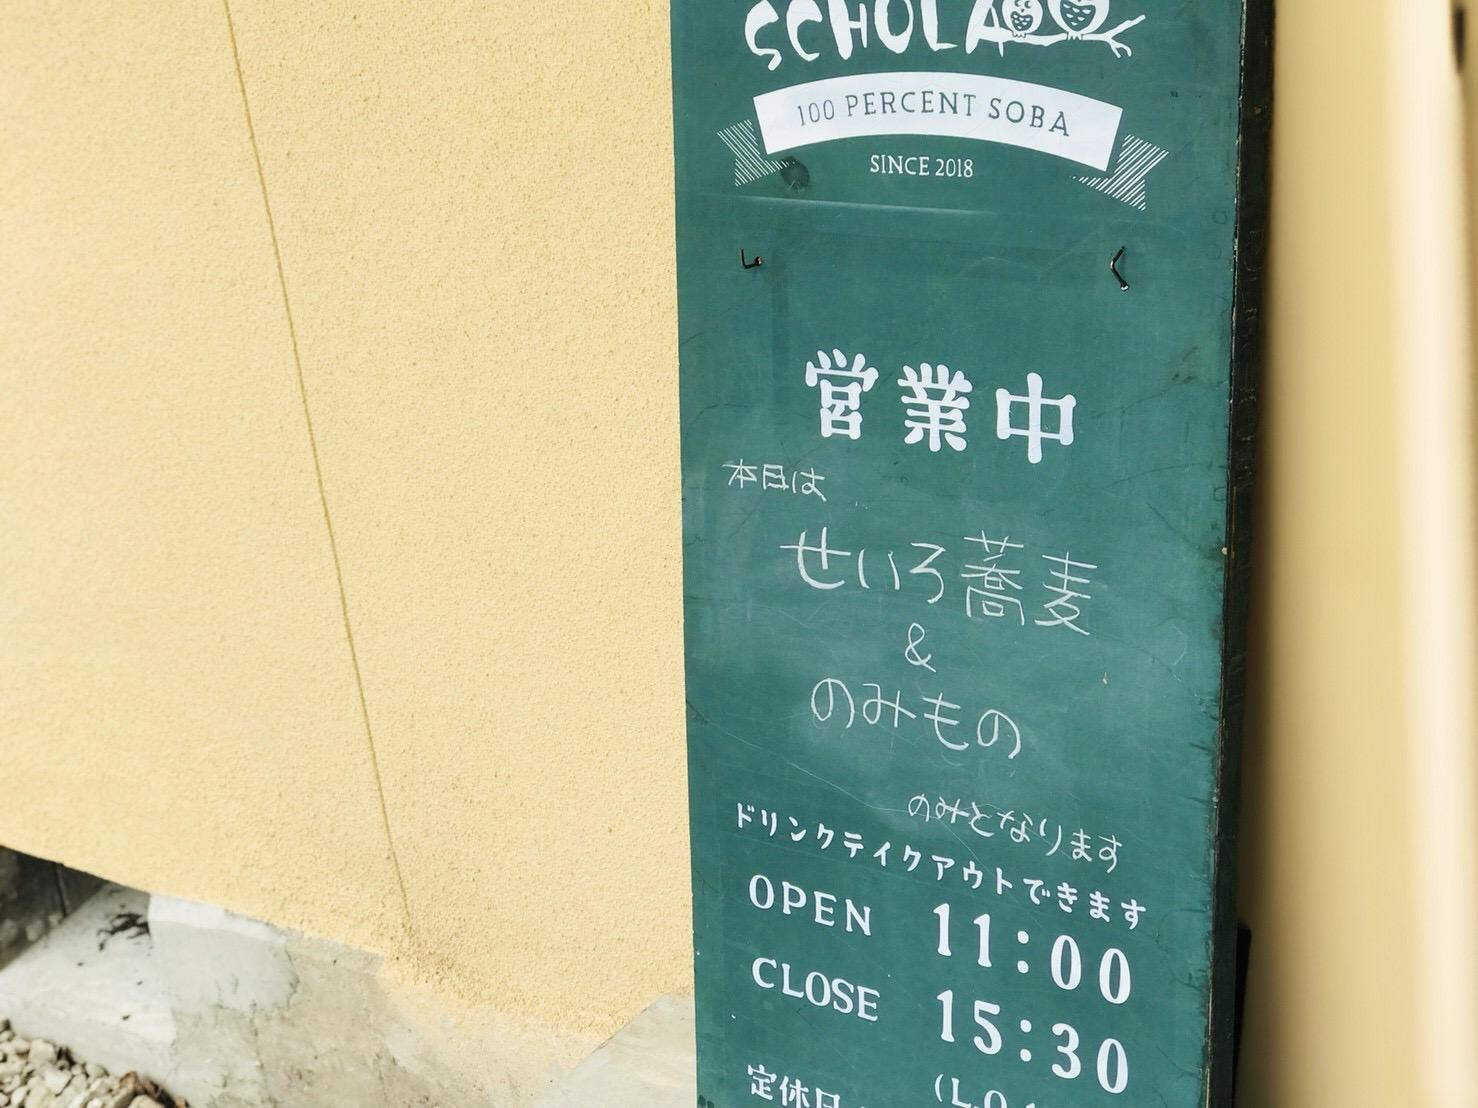 蕎麦カフェ スコラの看板